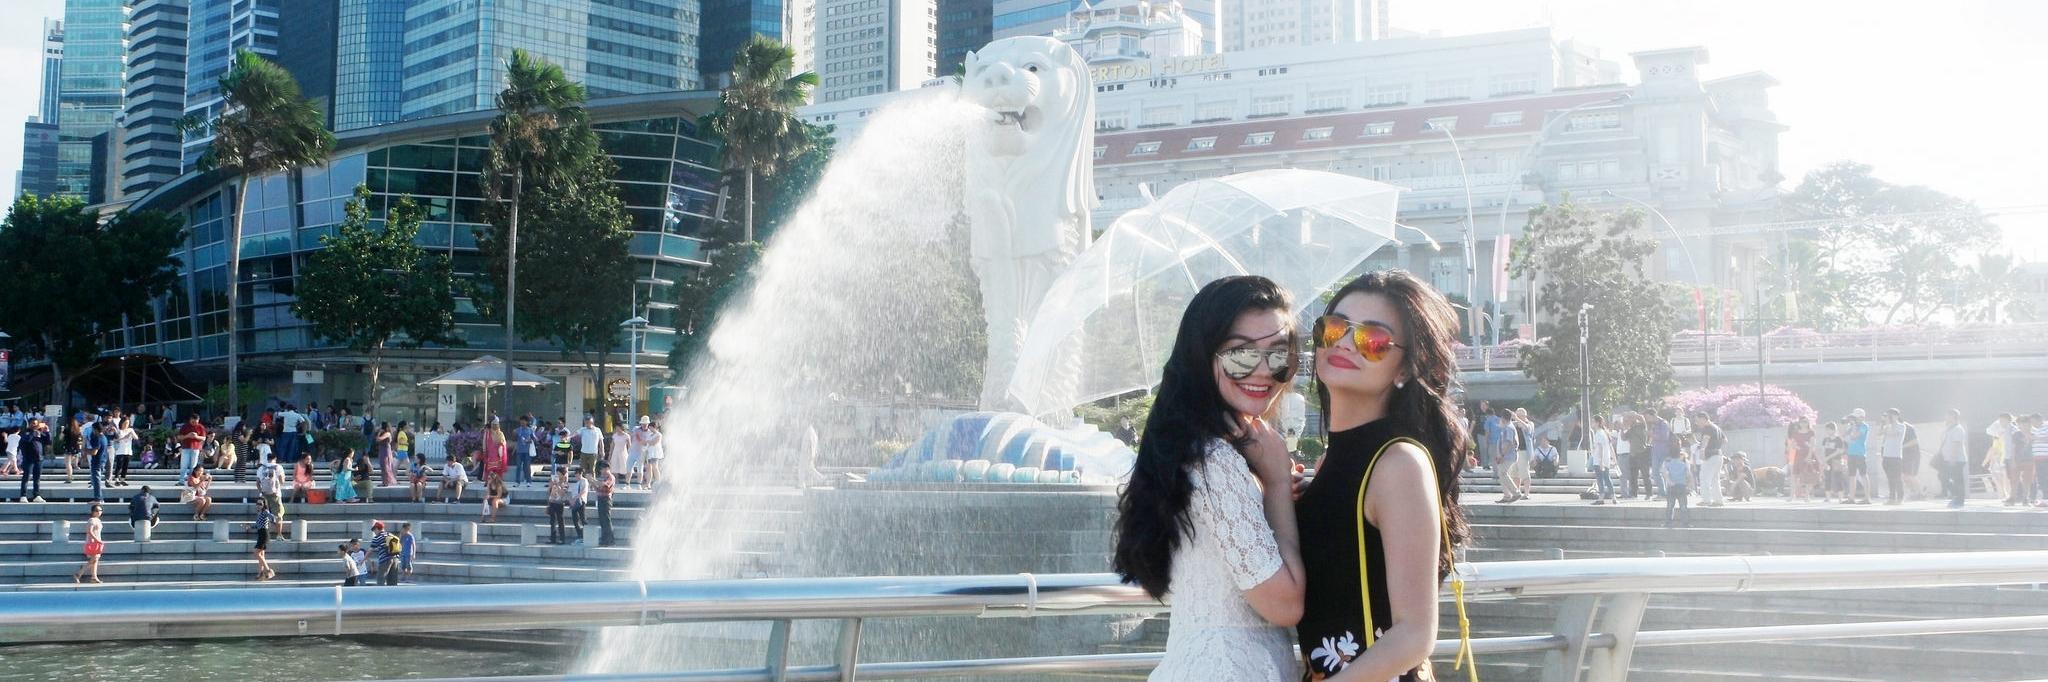 https://gody.vn/blog/bi-kip-hay-di-du-lich/post/top-5-bi-kip-song-con-danh-cho-nhung-nguoi-lan-dau-du-lich-singapore-1106